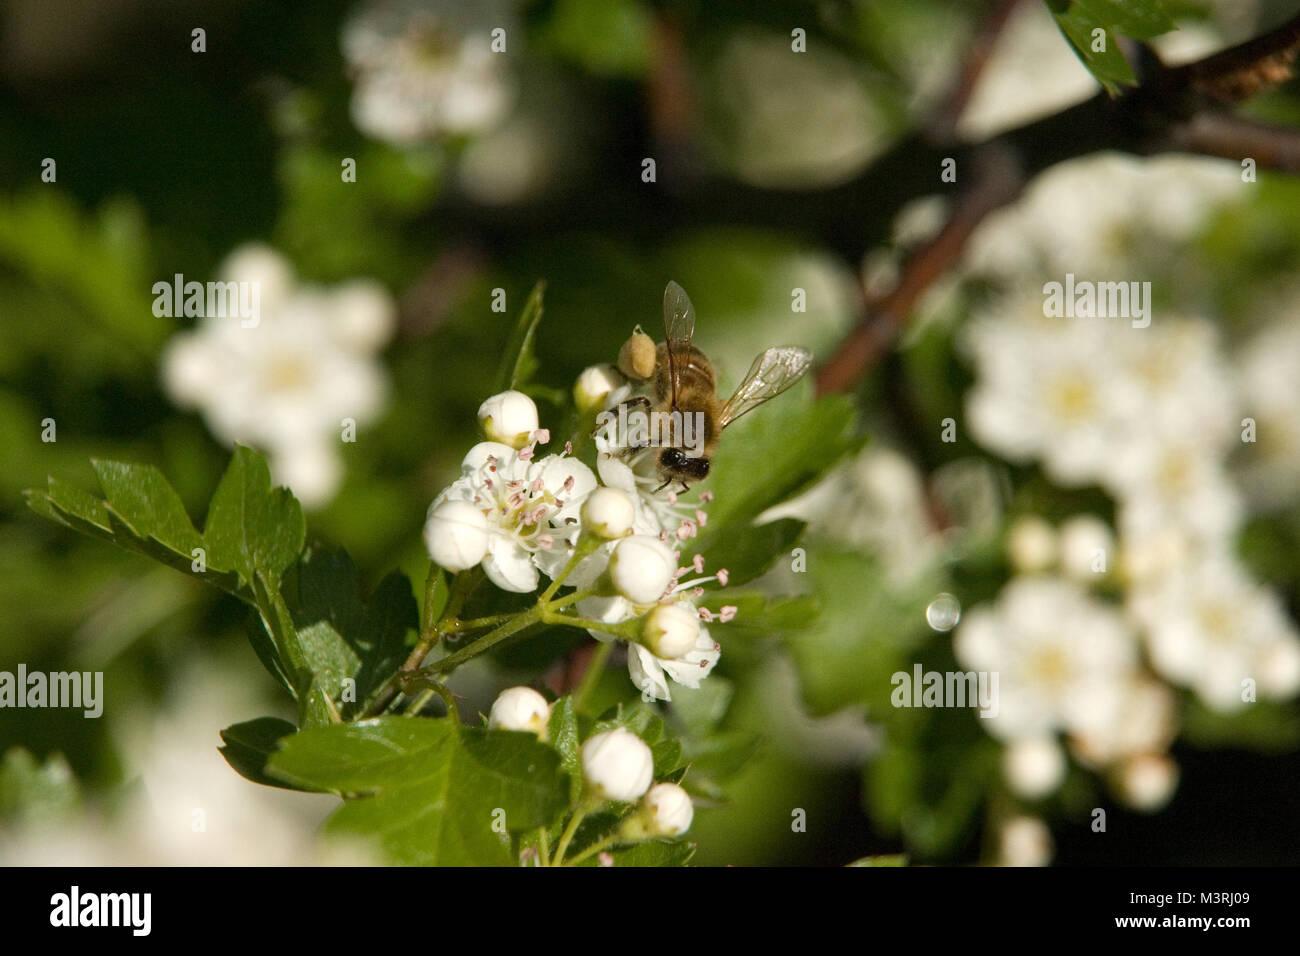 Apfelbaum Hosts arbeiten Biene. Nahaufnahme auf die Biene bestäubt weiße Blüten mit gelben Staubgefäßen. Stockbild